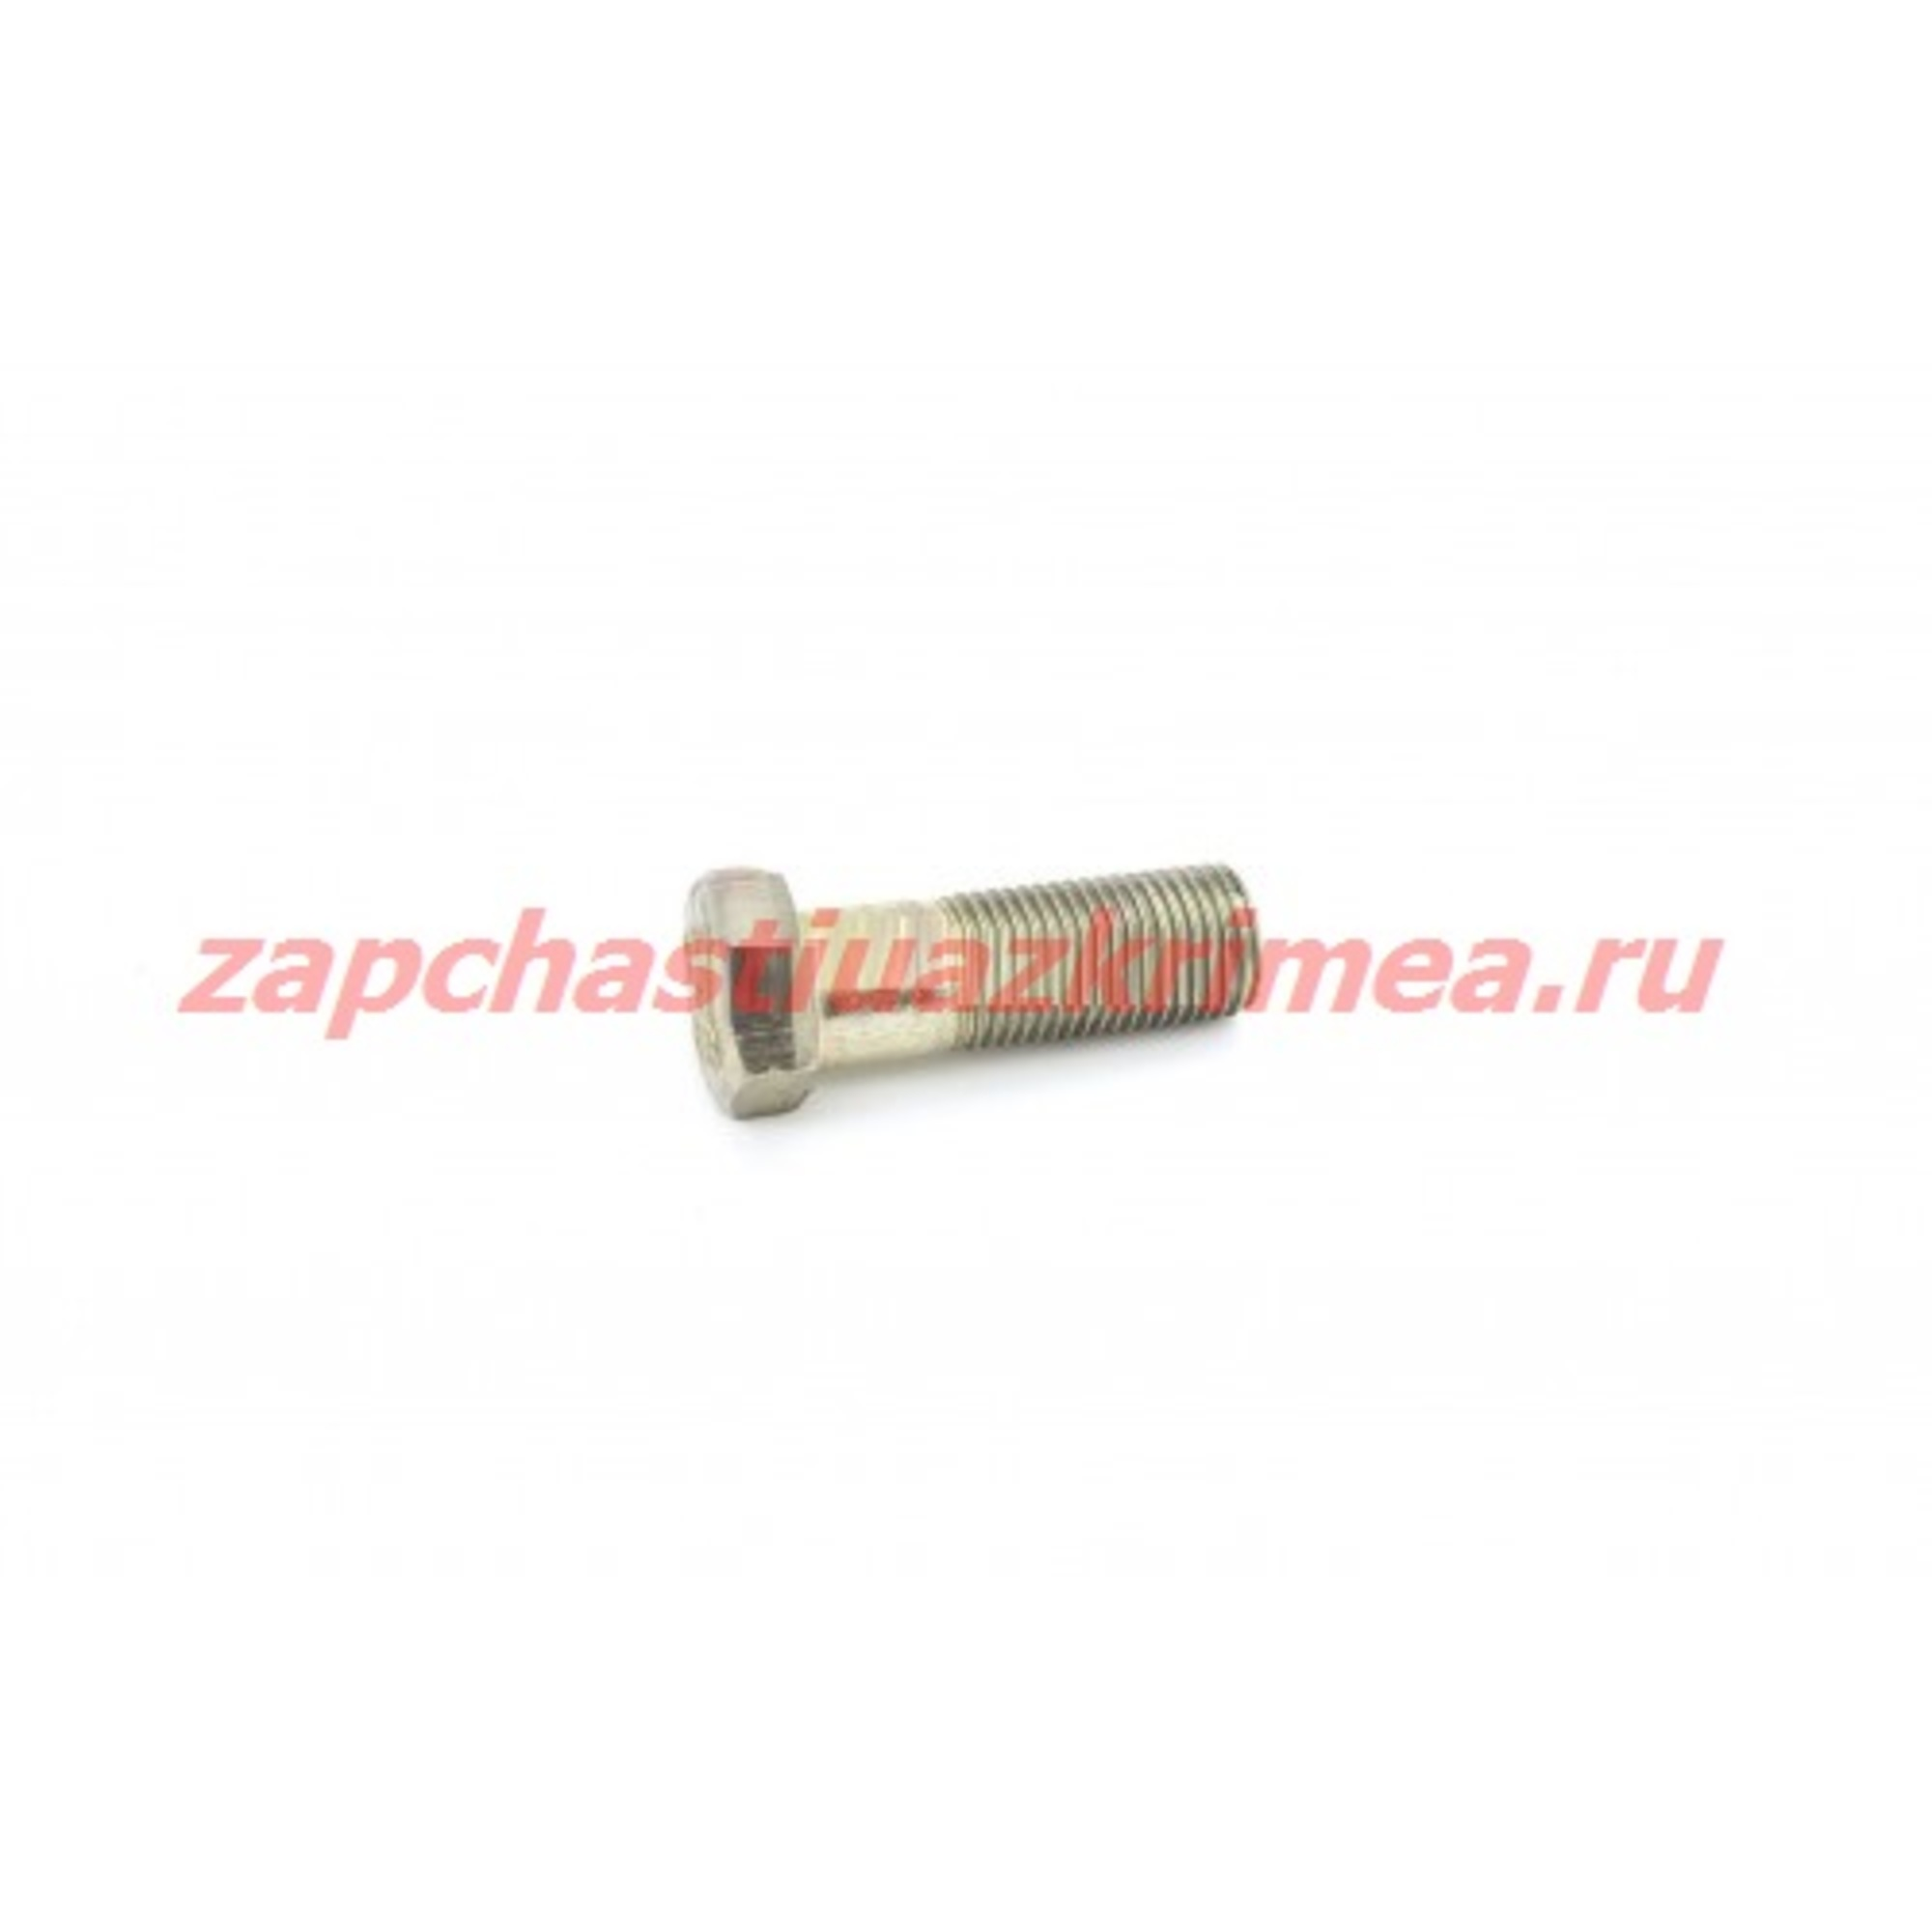 Болт М10х1х30 крепления поворотного кулака УАЗ